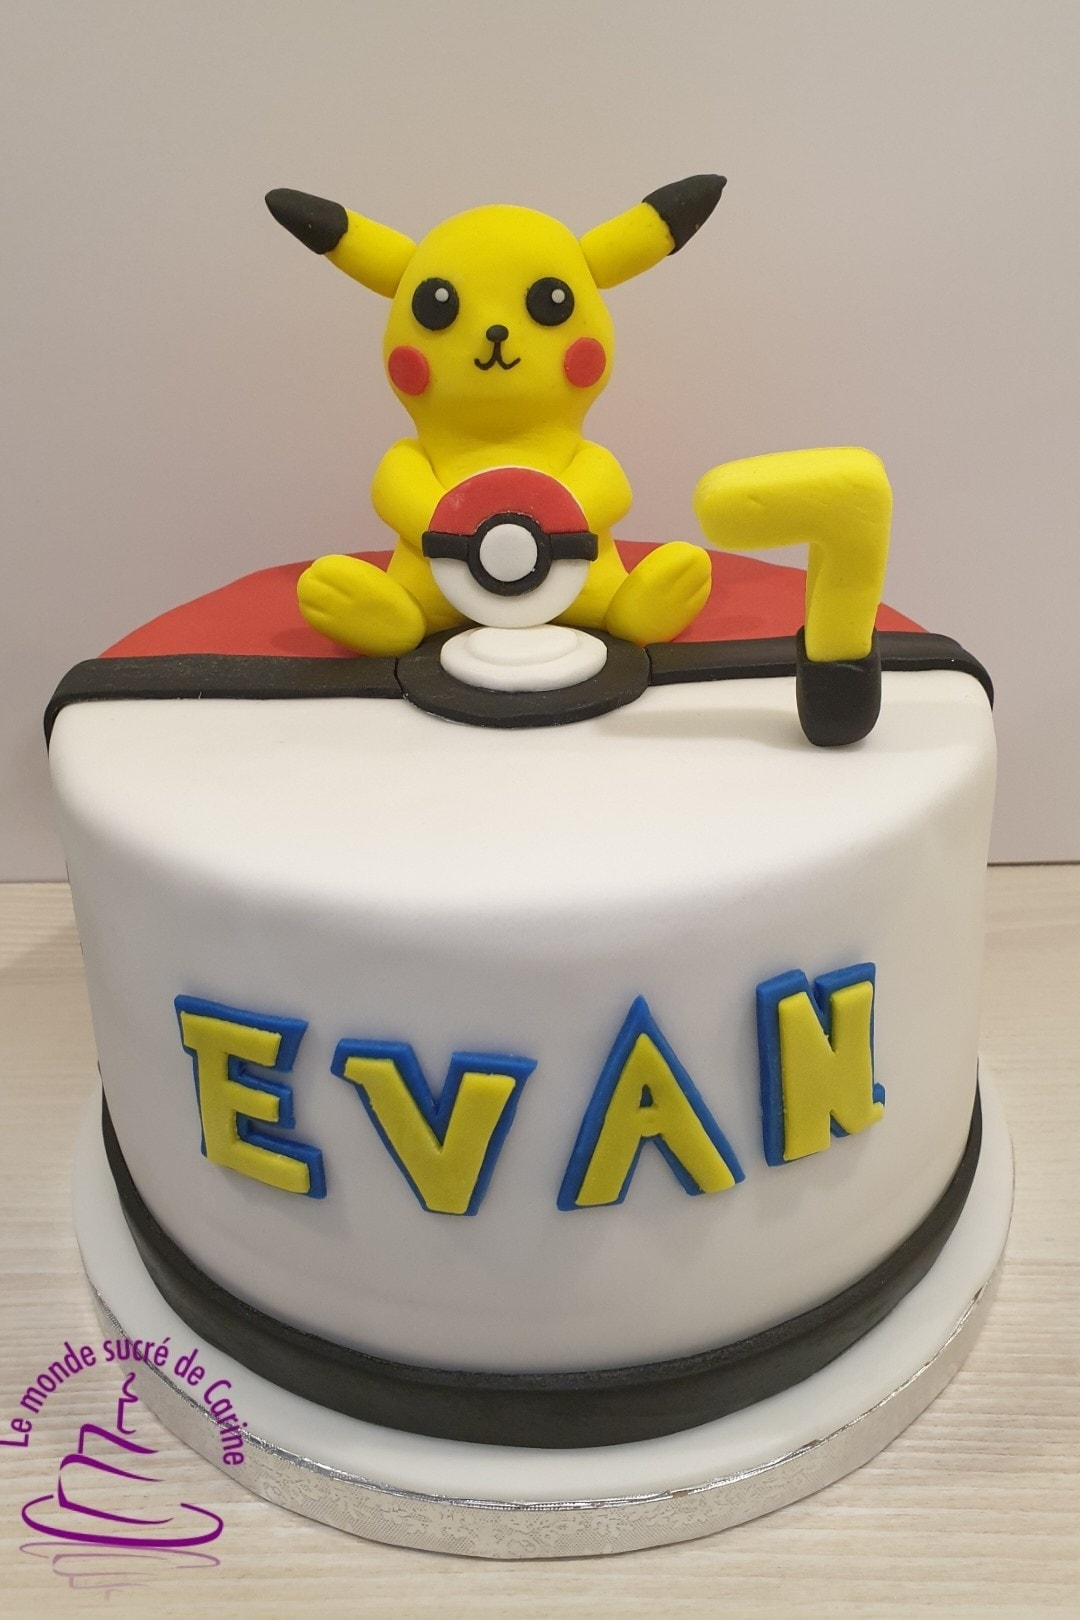 Evan2020@Le monde sucré de Carine